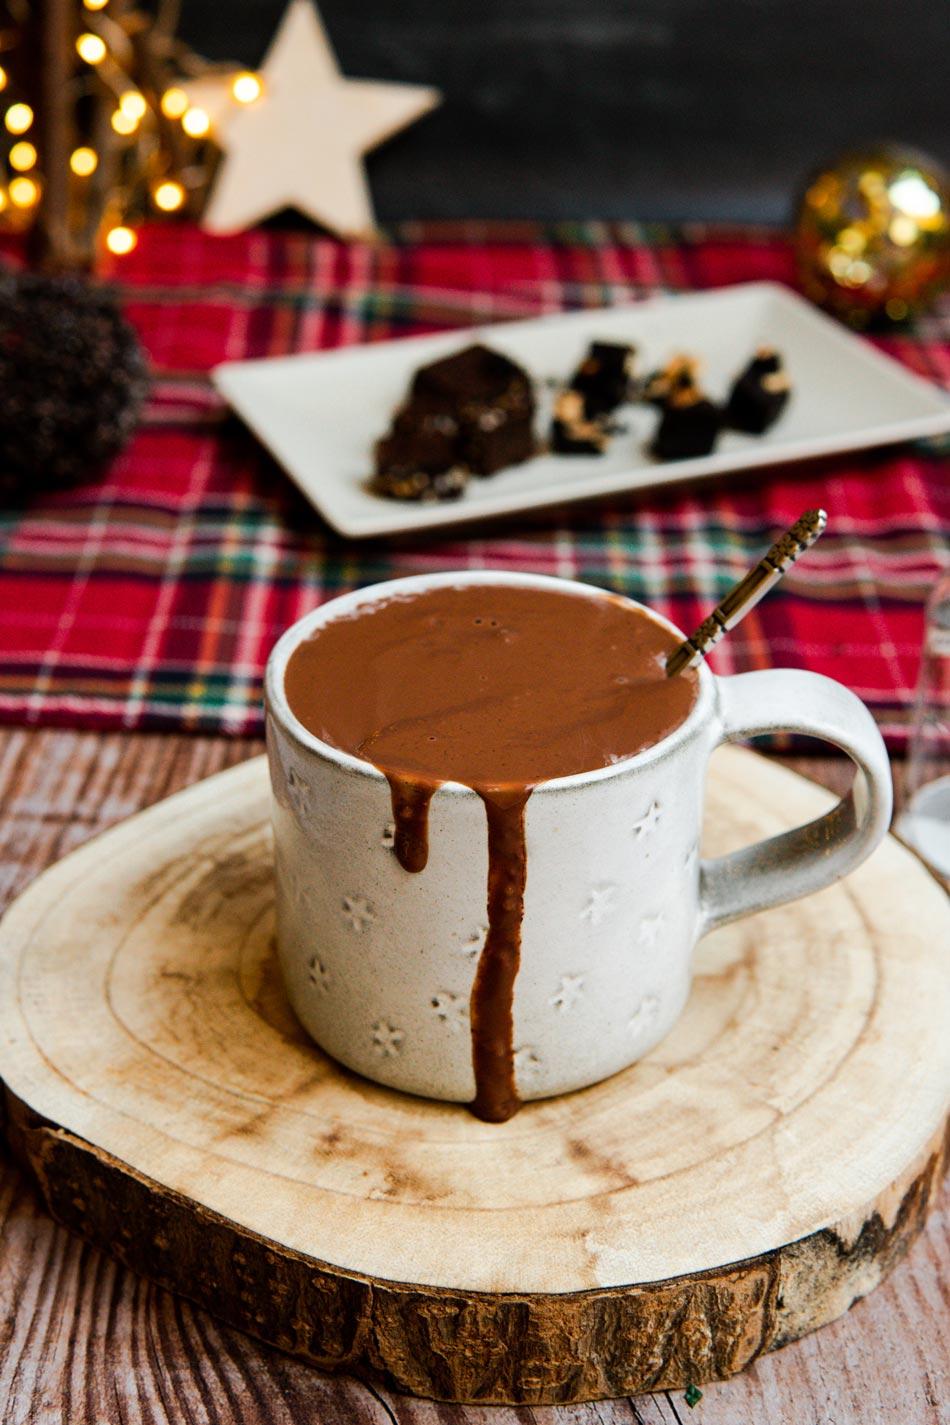 Chocolate a la taza cremoso y saludable